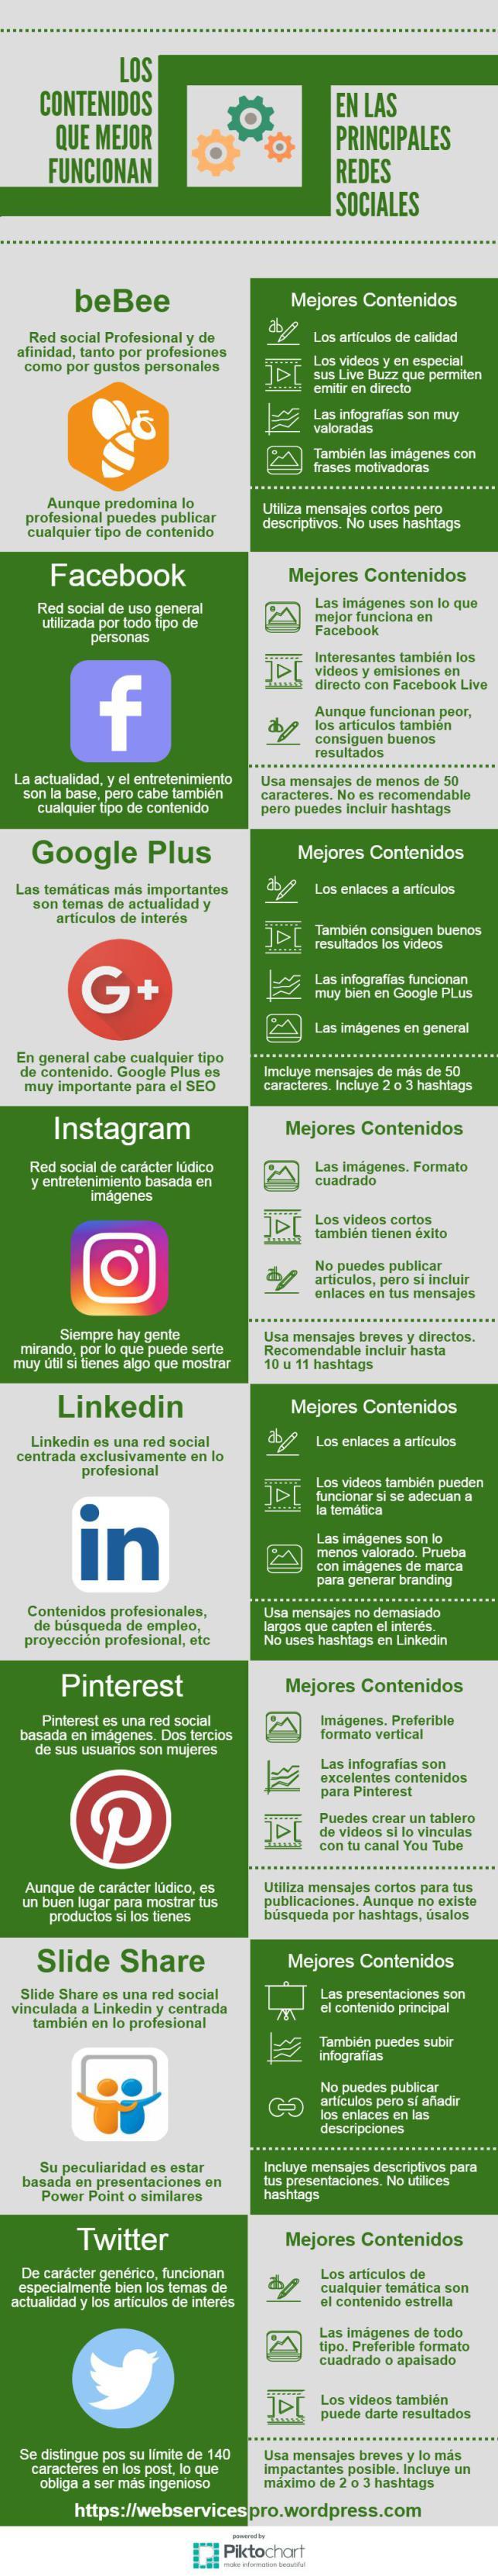 Los contenidos que mejor funcionan en Redes Sociales